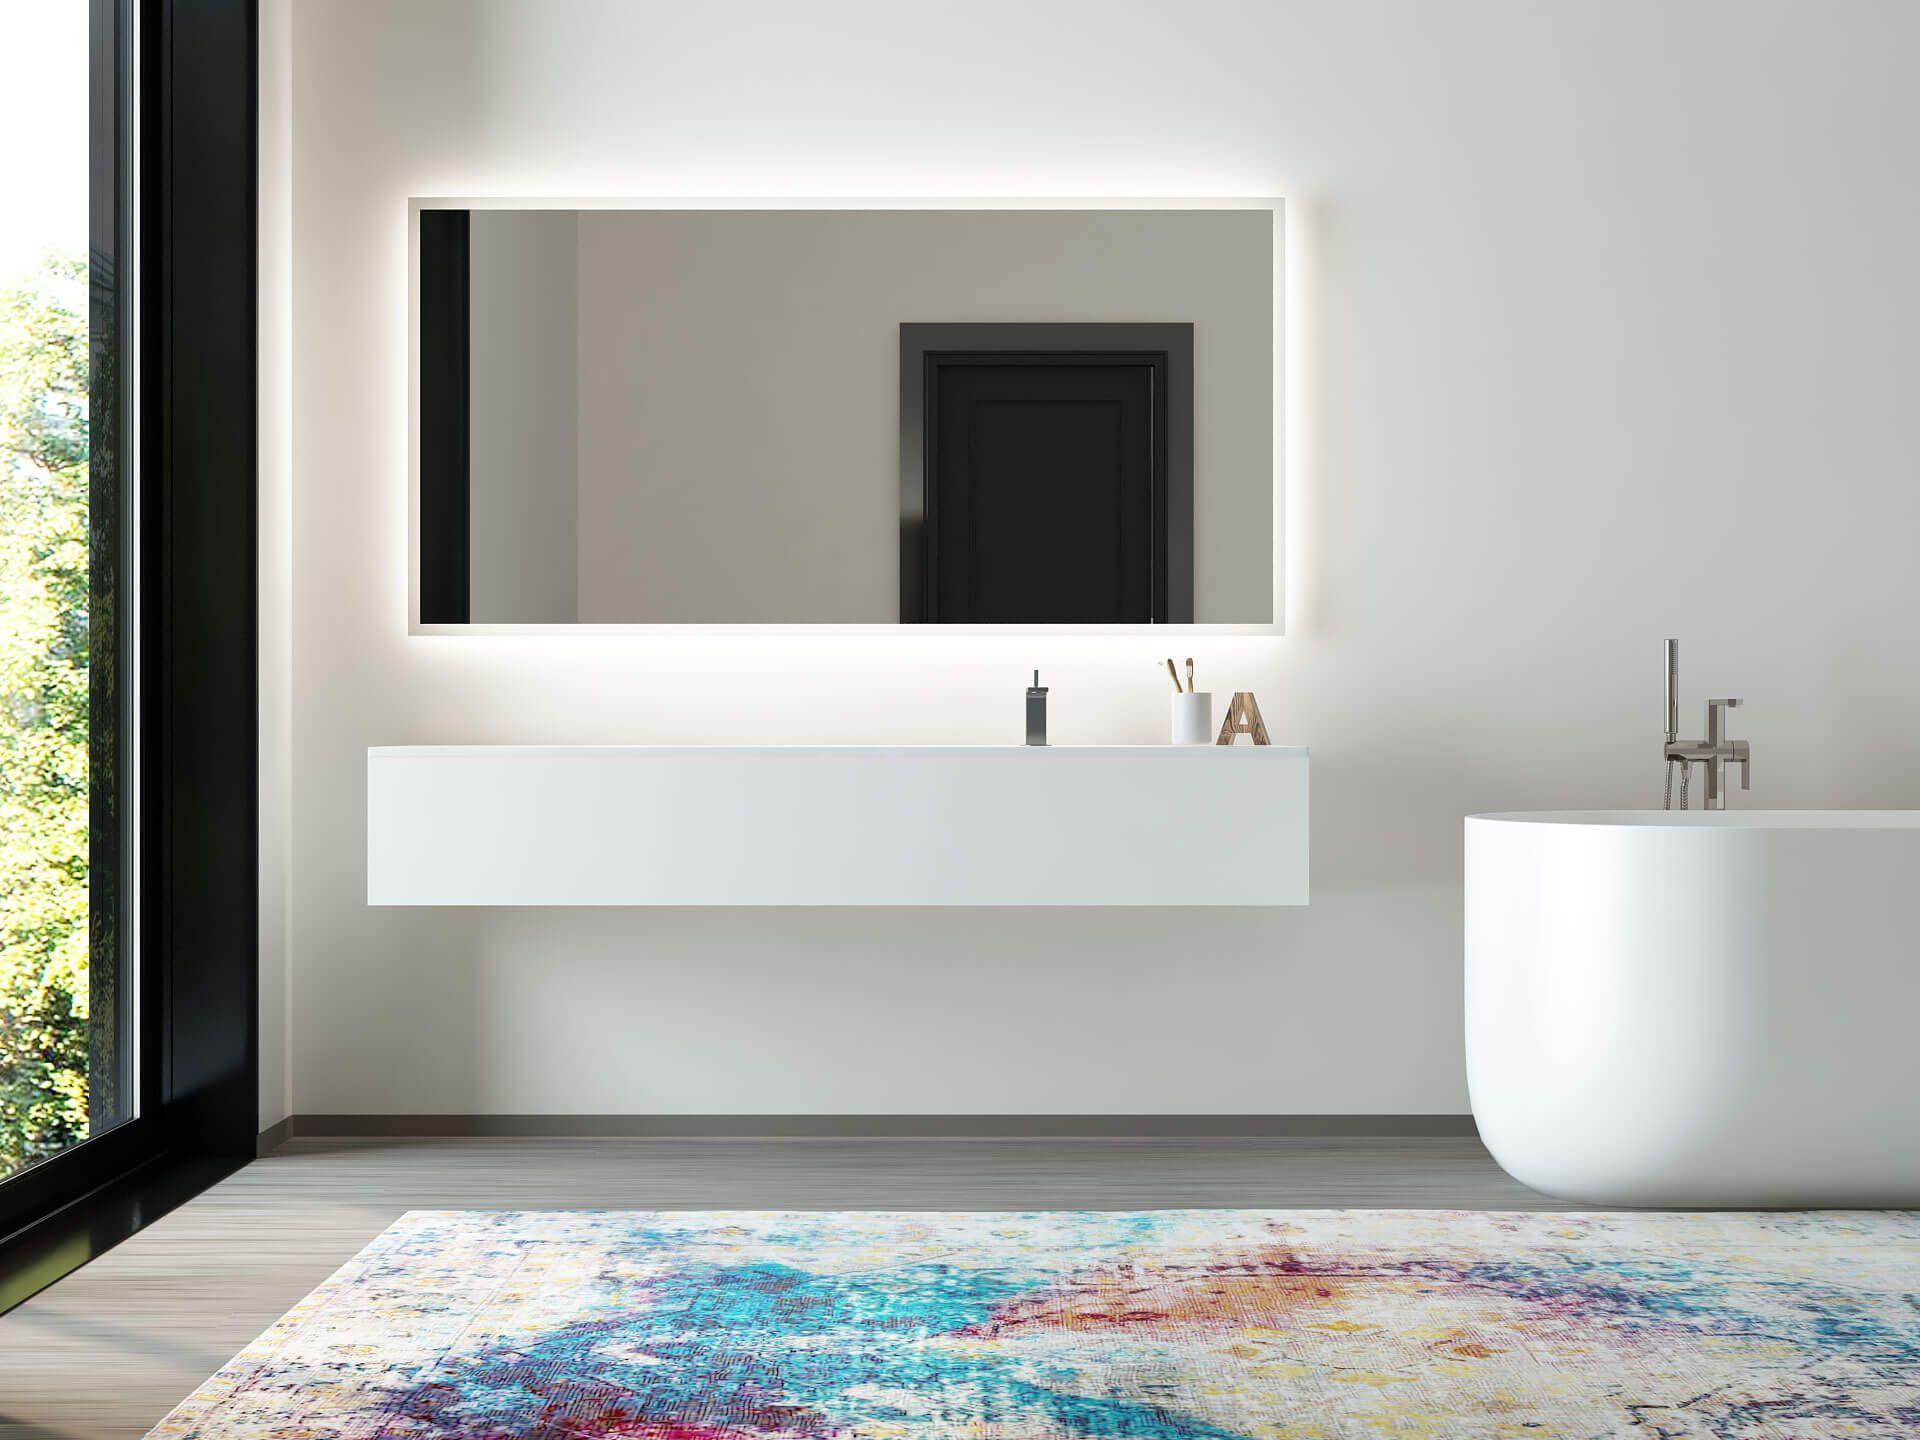 11 Jerome Ist Ein Spiegel Mit Rundherum Beleuchtung Badspiegel Spiegel Beleuchtung